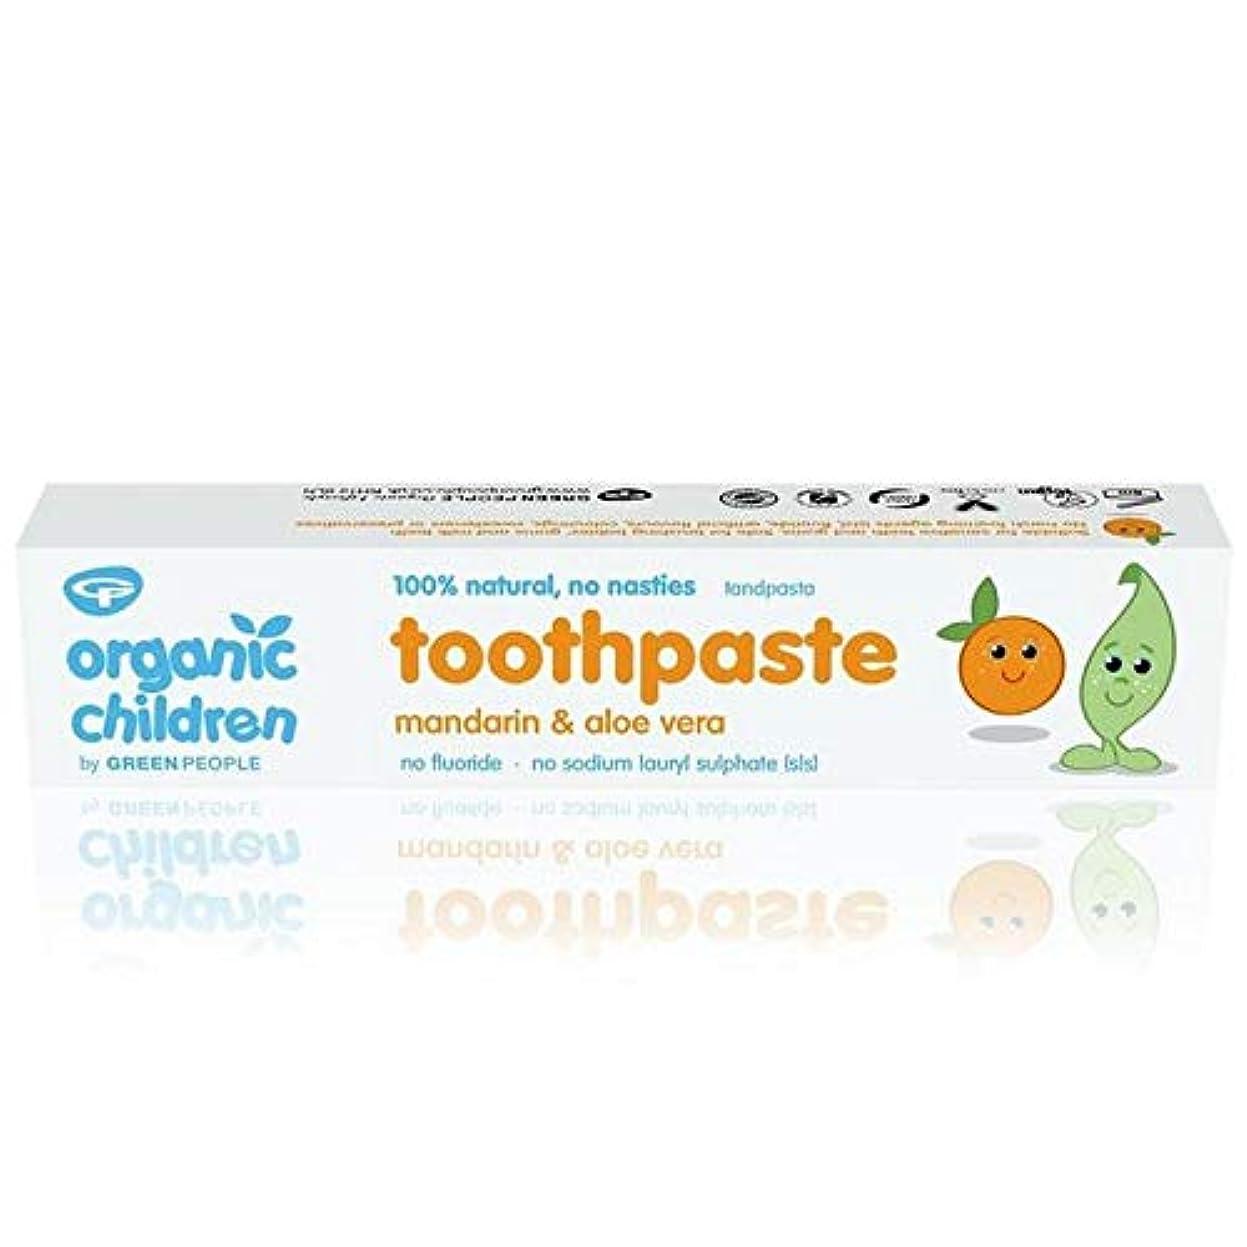 セットアップ魔女見分ける[Organic Children ] 有機子供の歯磨き粉、マンダリン50ミリリットル - Organic Children Toothpaste, Mandarin 50ml [並行輸入品]